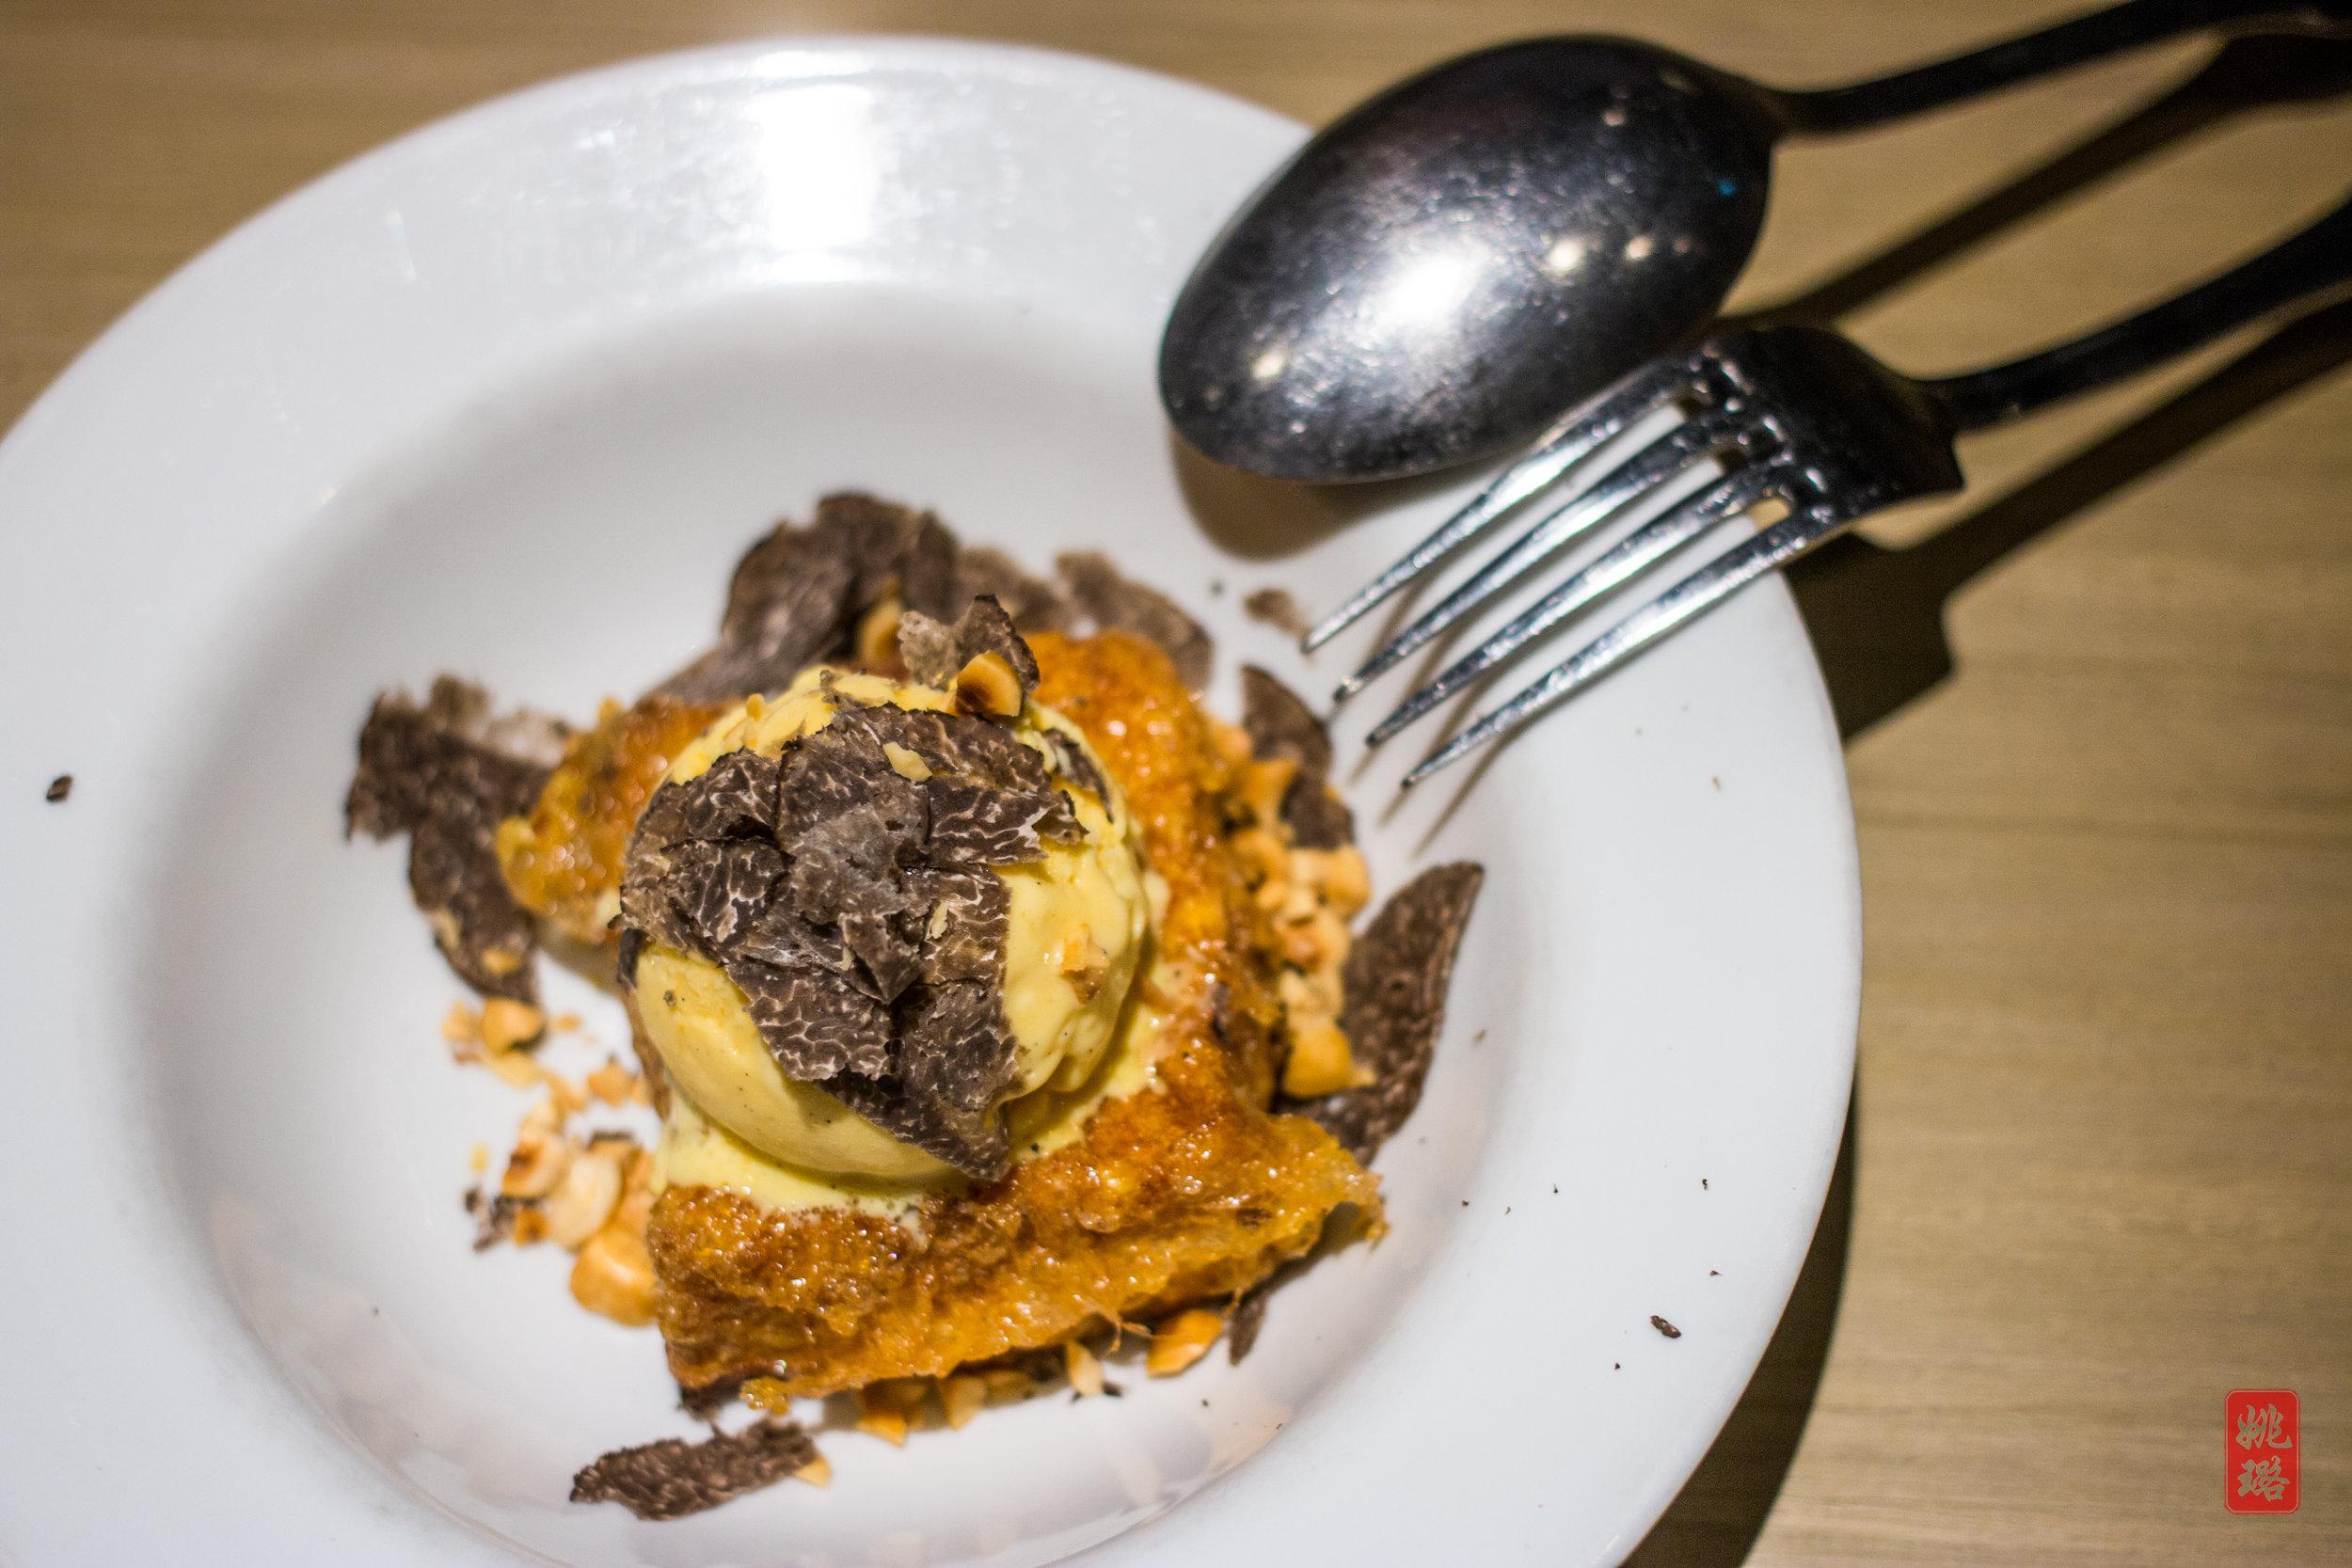 IMG_8675 Neighborhood - French toast, ice cream and truffle.jpg